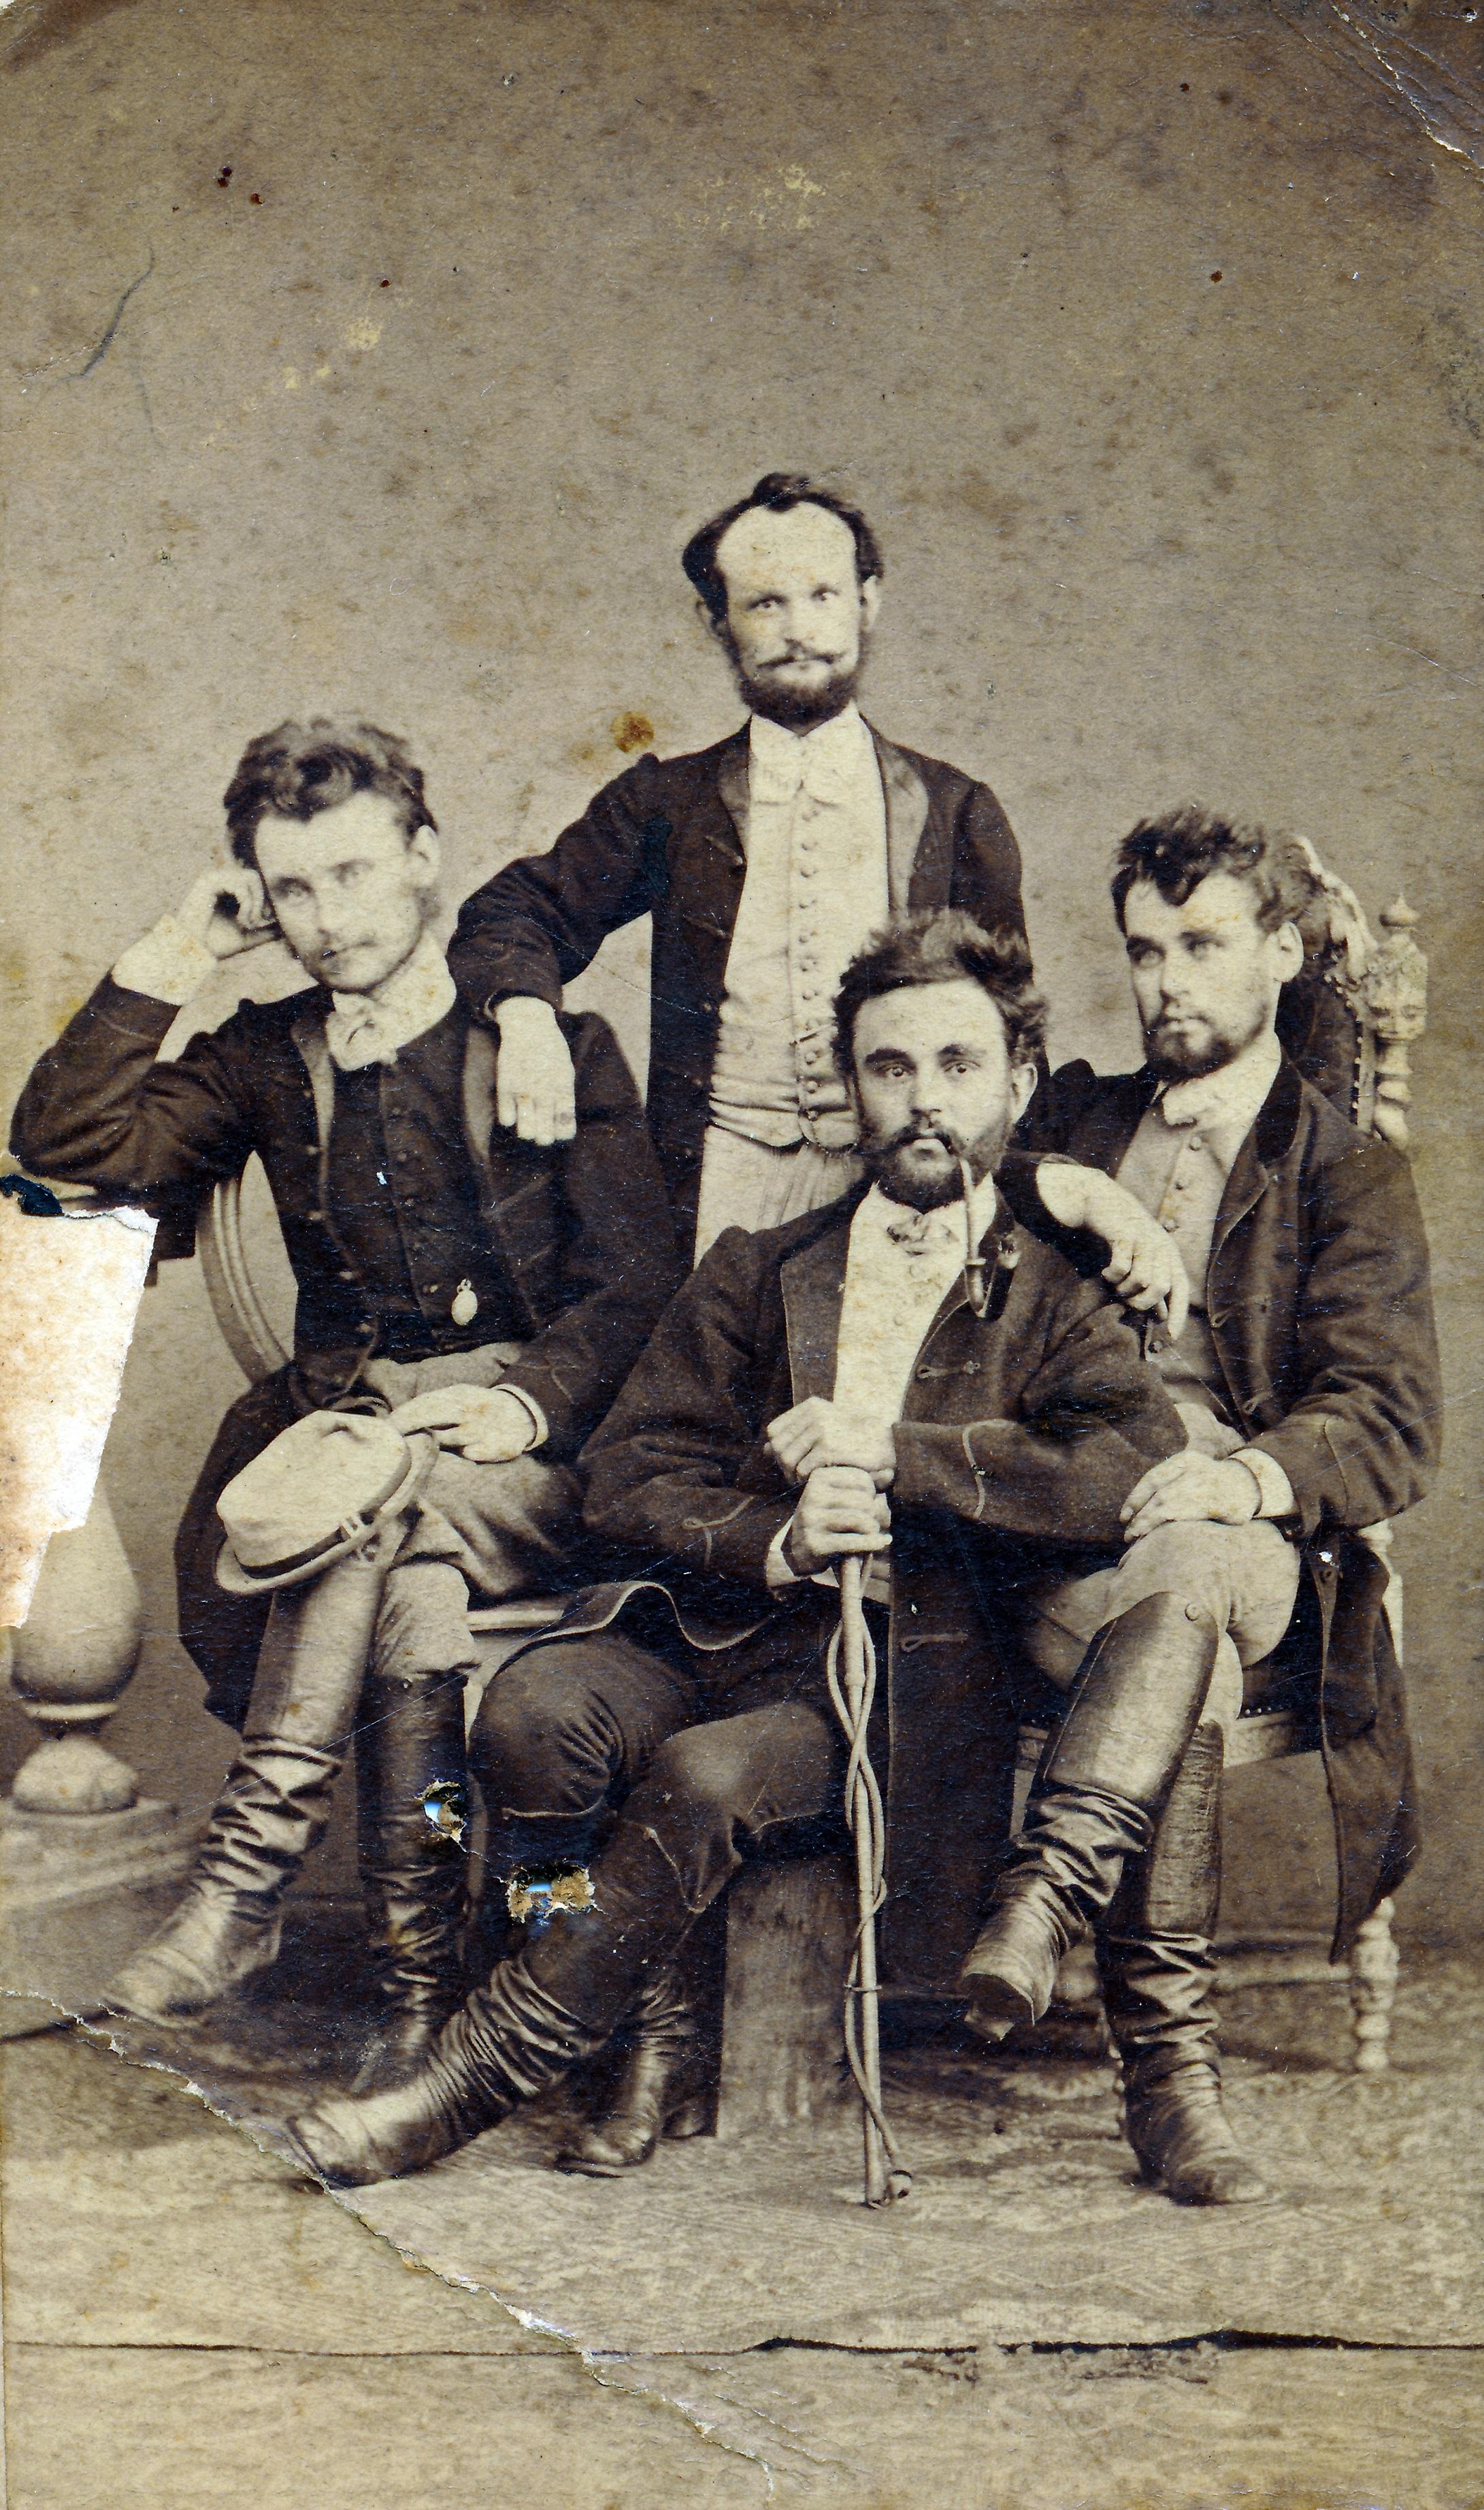 Fess magyar férfiak a századfordulón (fotó: Fortepan/Török Gyöngyvér)